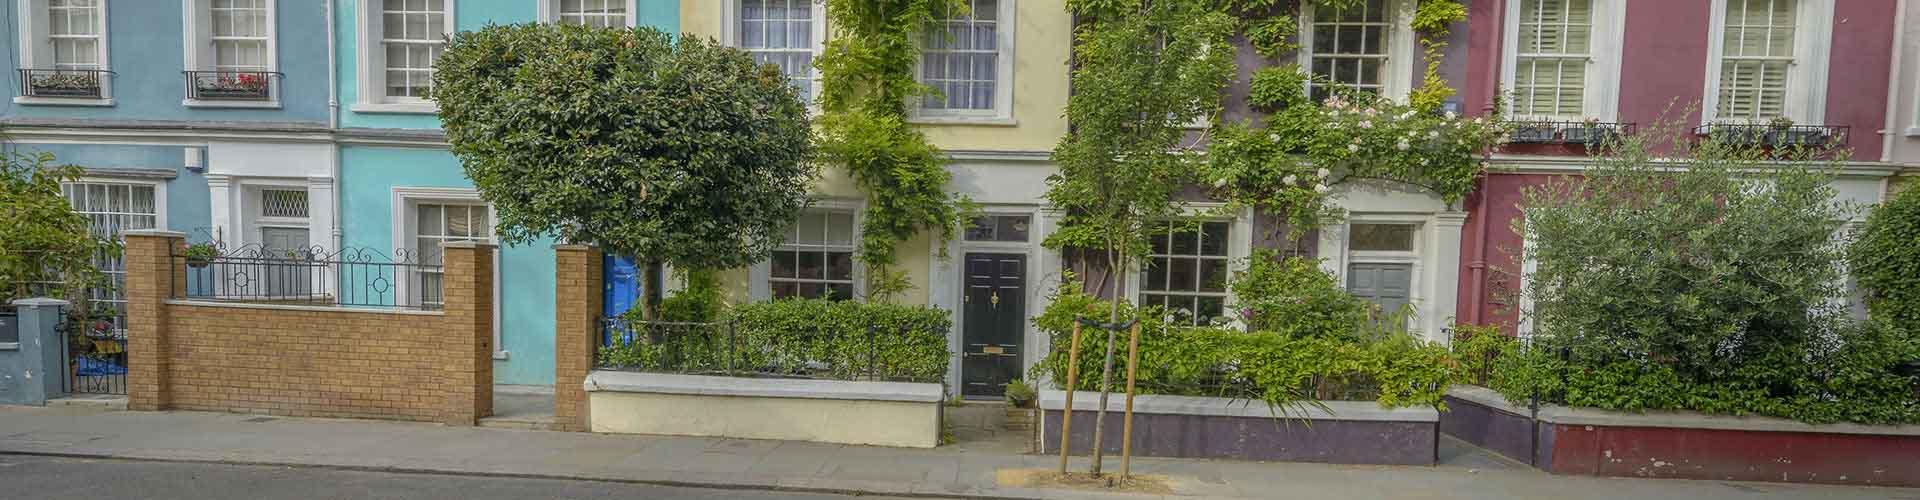 Londýn - Hostelů ve čtvrti Notting Hill. Mapy pro Londýn, fotky a recenze pro každý hostel v Londýn.